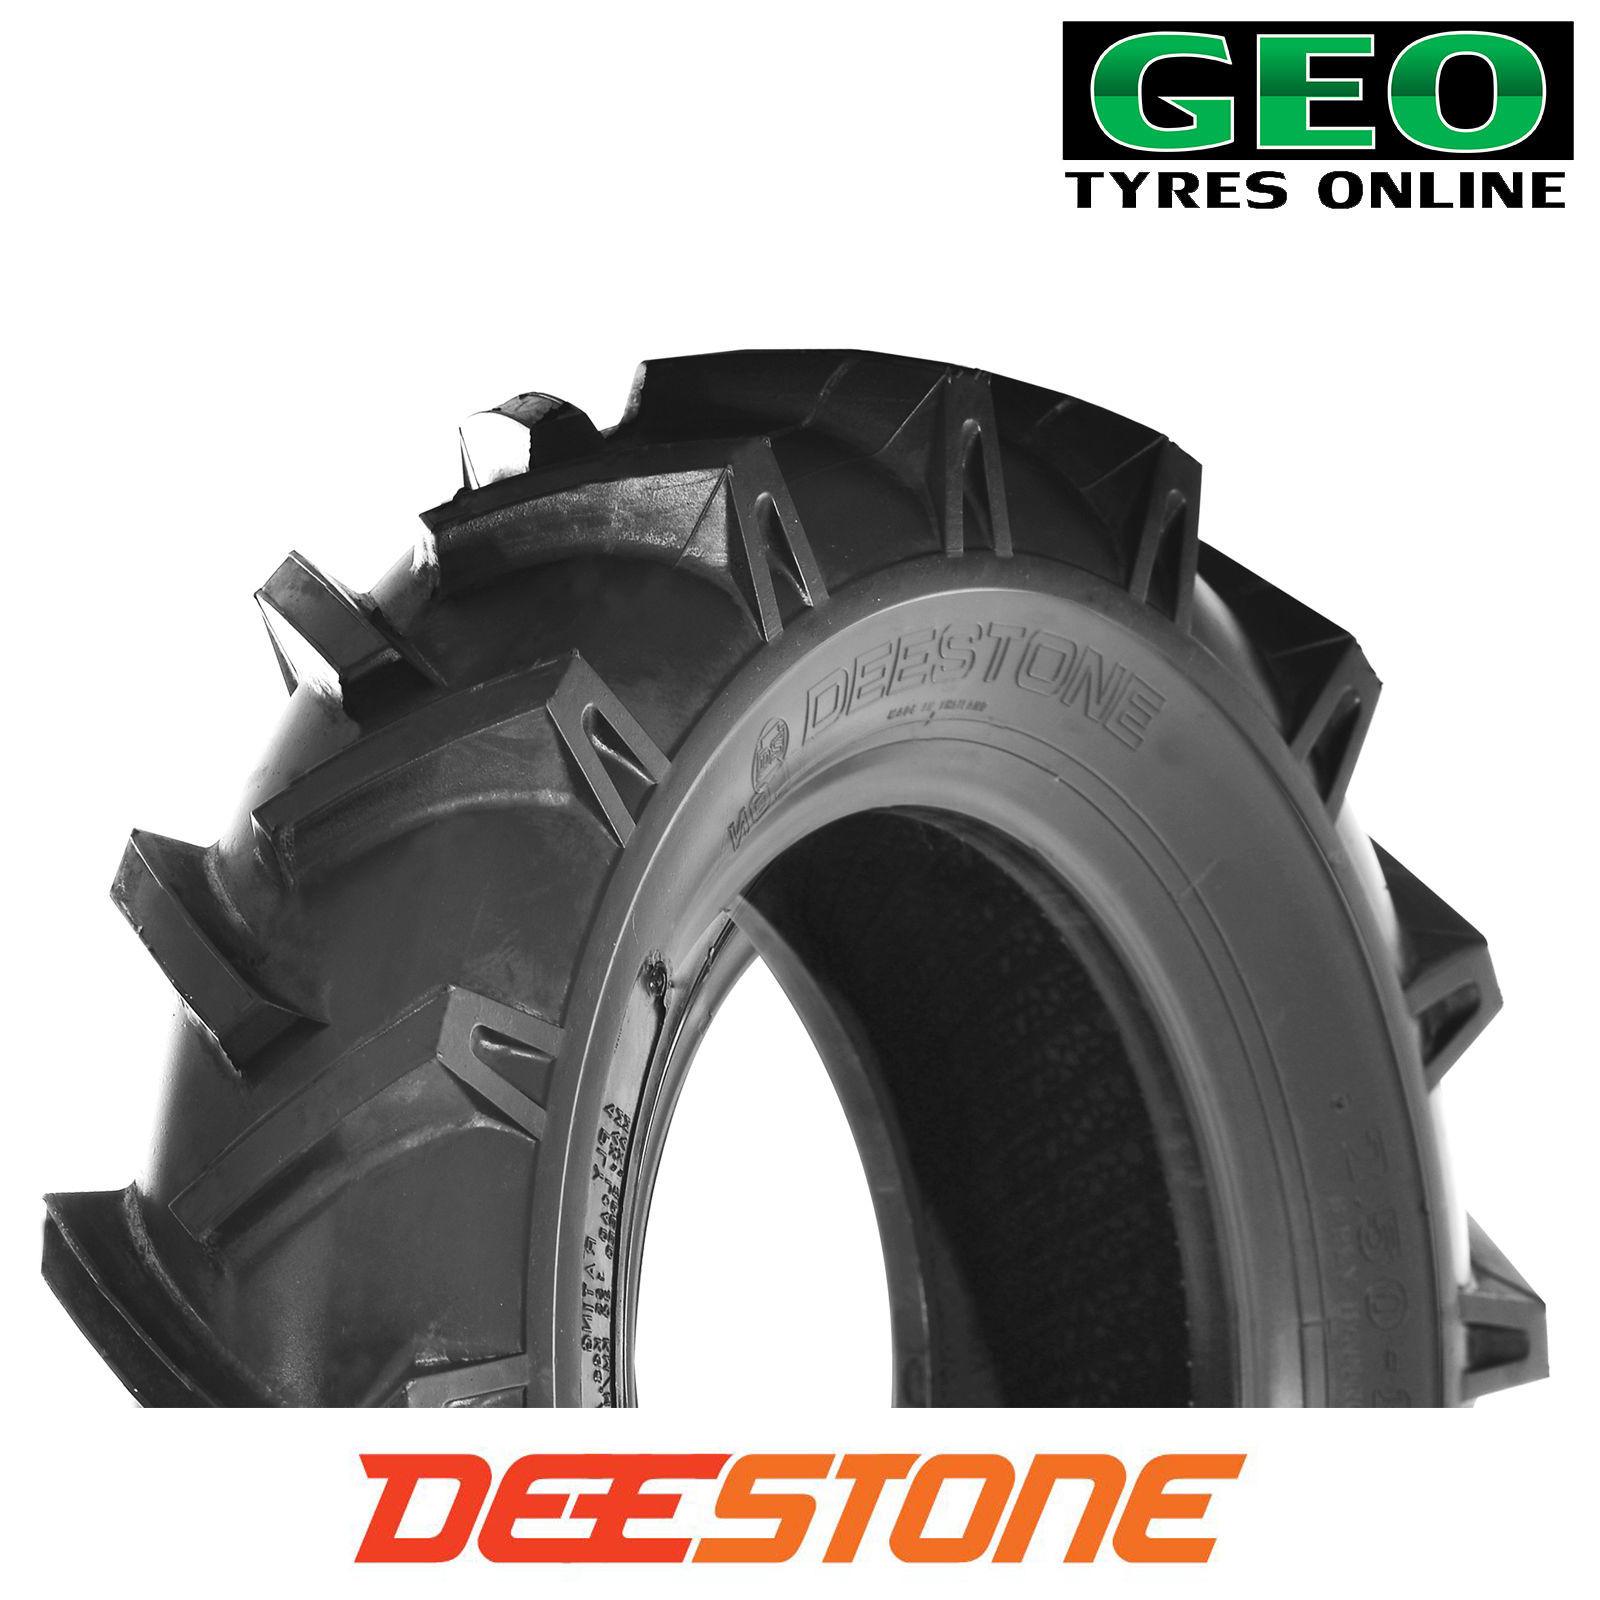 Tractor Tyre | Deestone D402A R1 | GEO Tyres